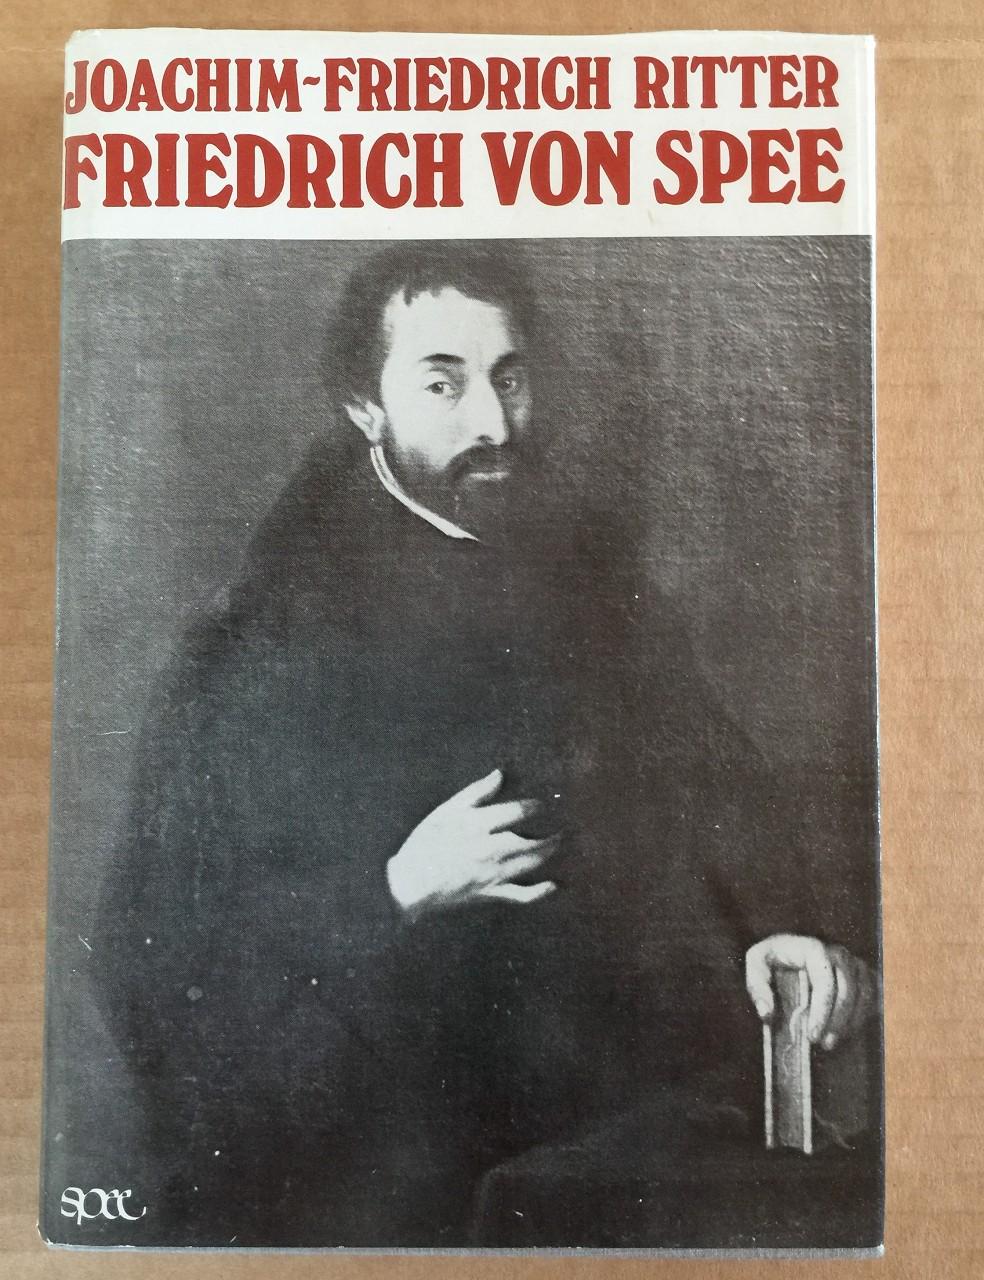 Ritter, Joachim-Friedrich: Friedrich von Spee : 1591 - 1635, Ein Edelmann, Mahner u. Dichter. 1.Aufl.